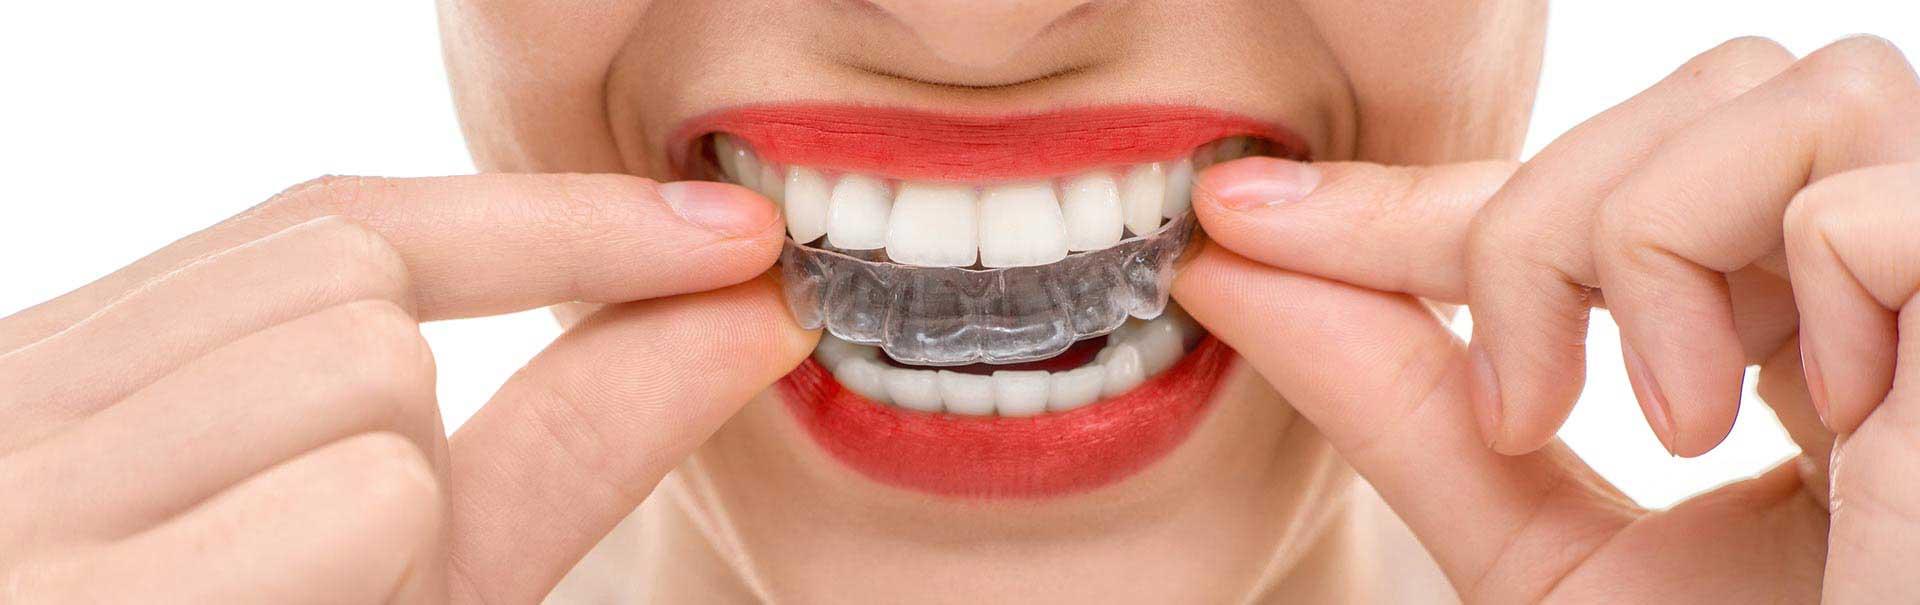 orthodontiki-1